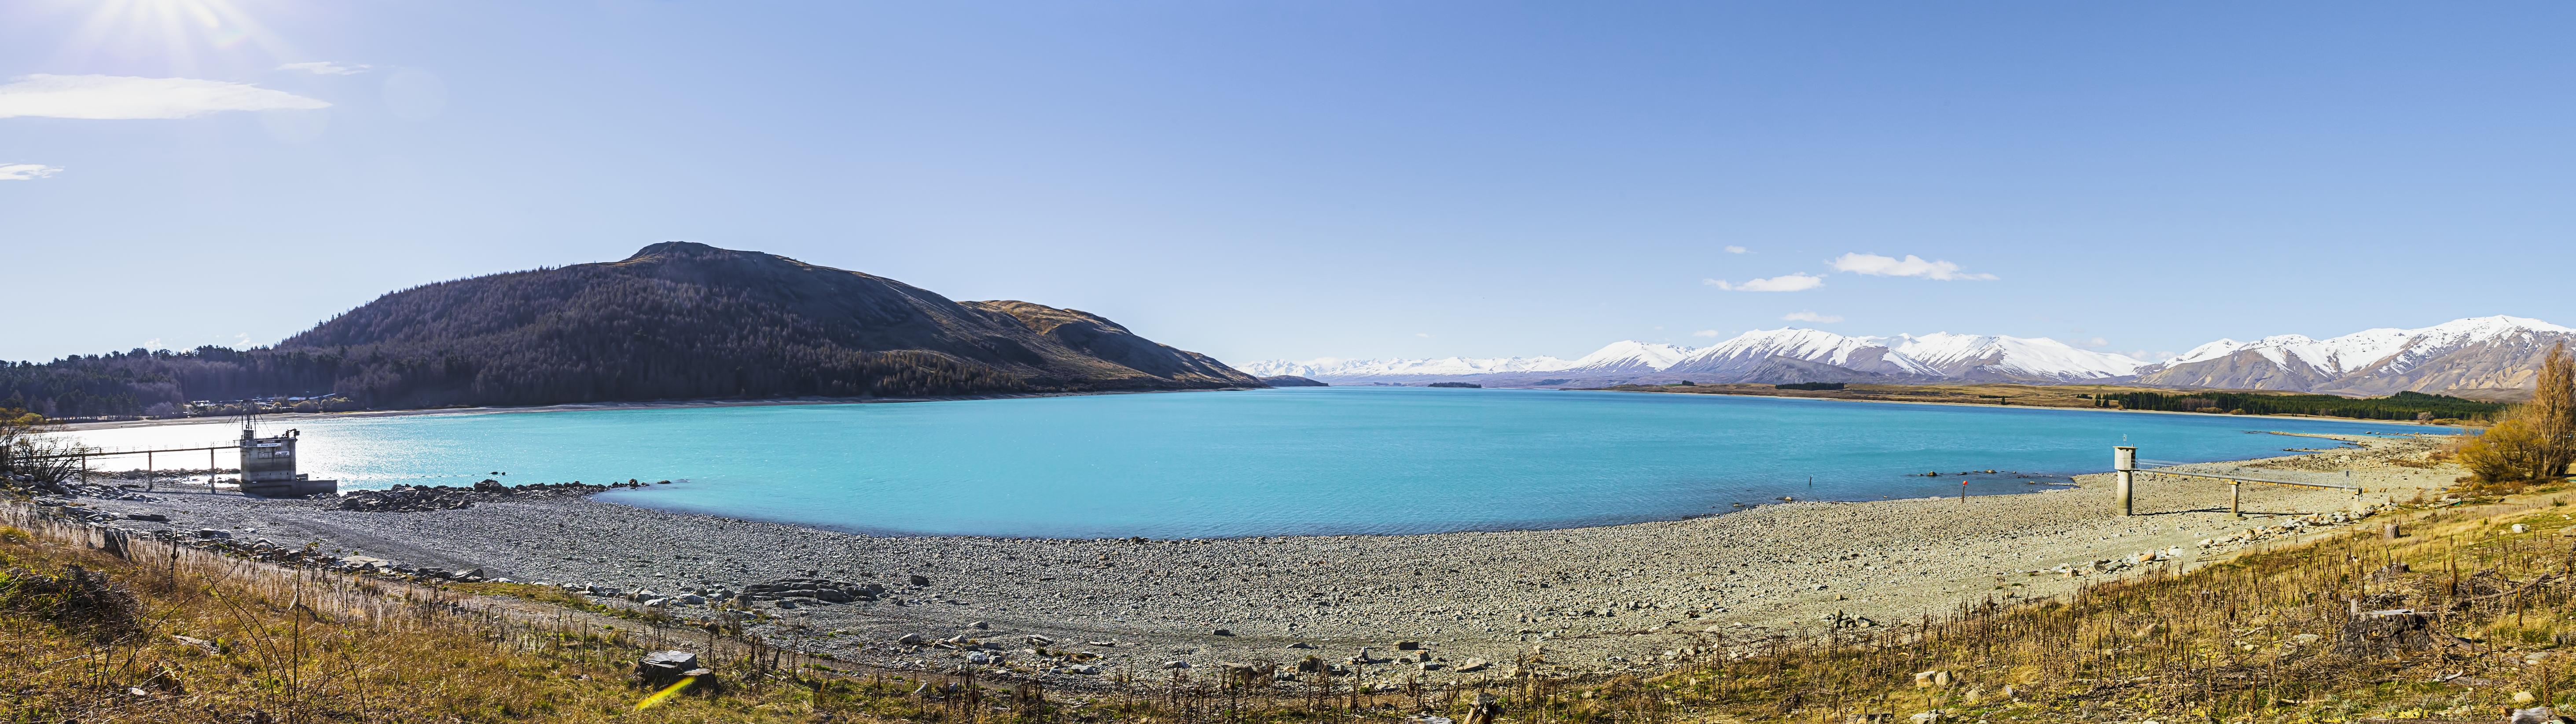 Lake tekapo on a fine spring day photo